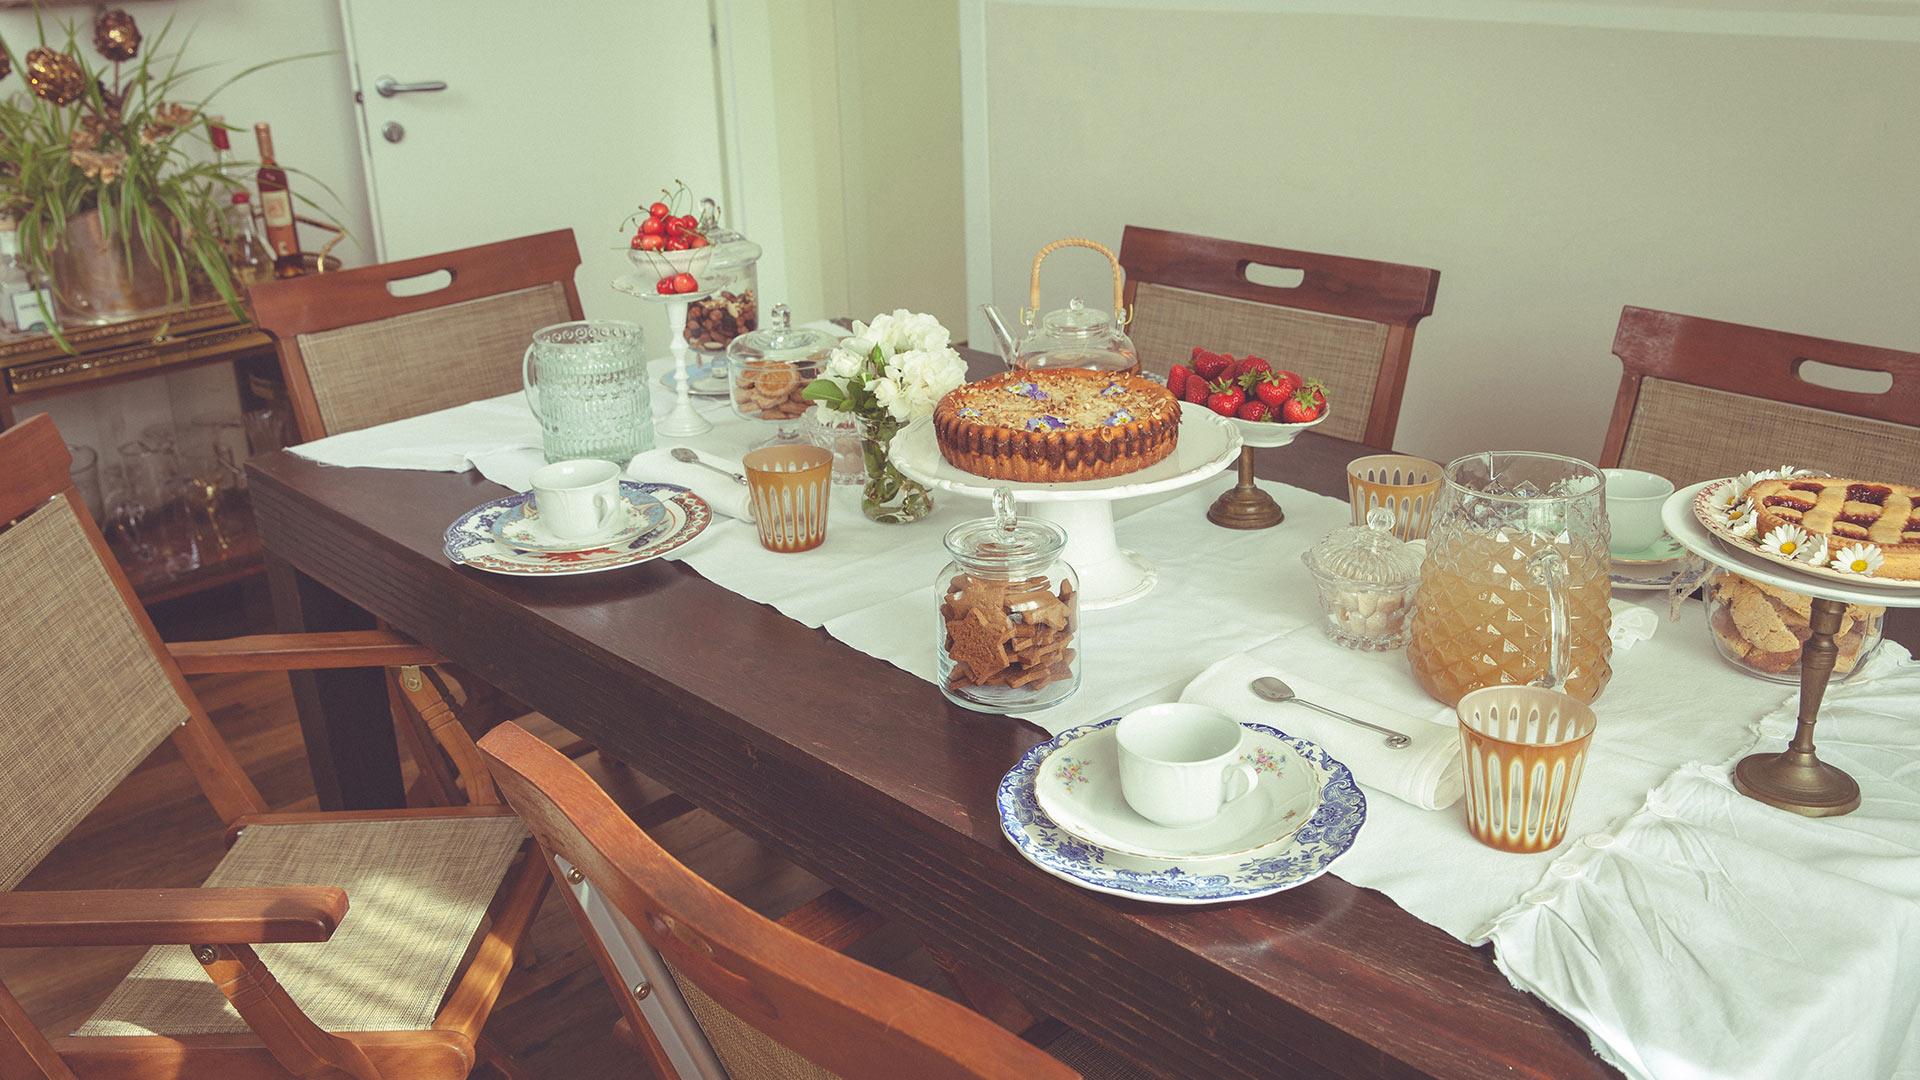 La Fragola de Bosch - Bed & Breakfast - Colazione